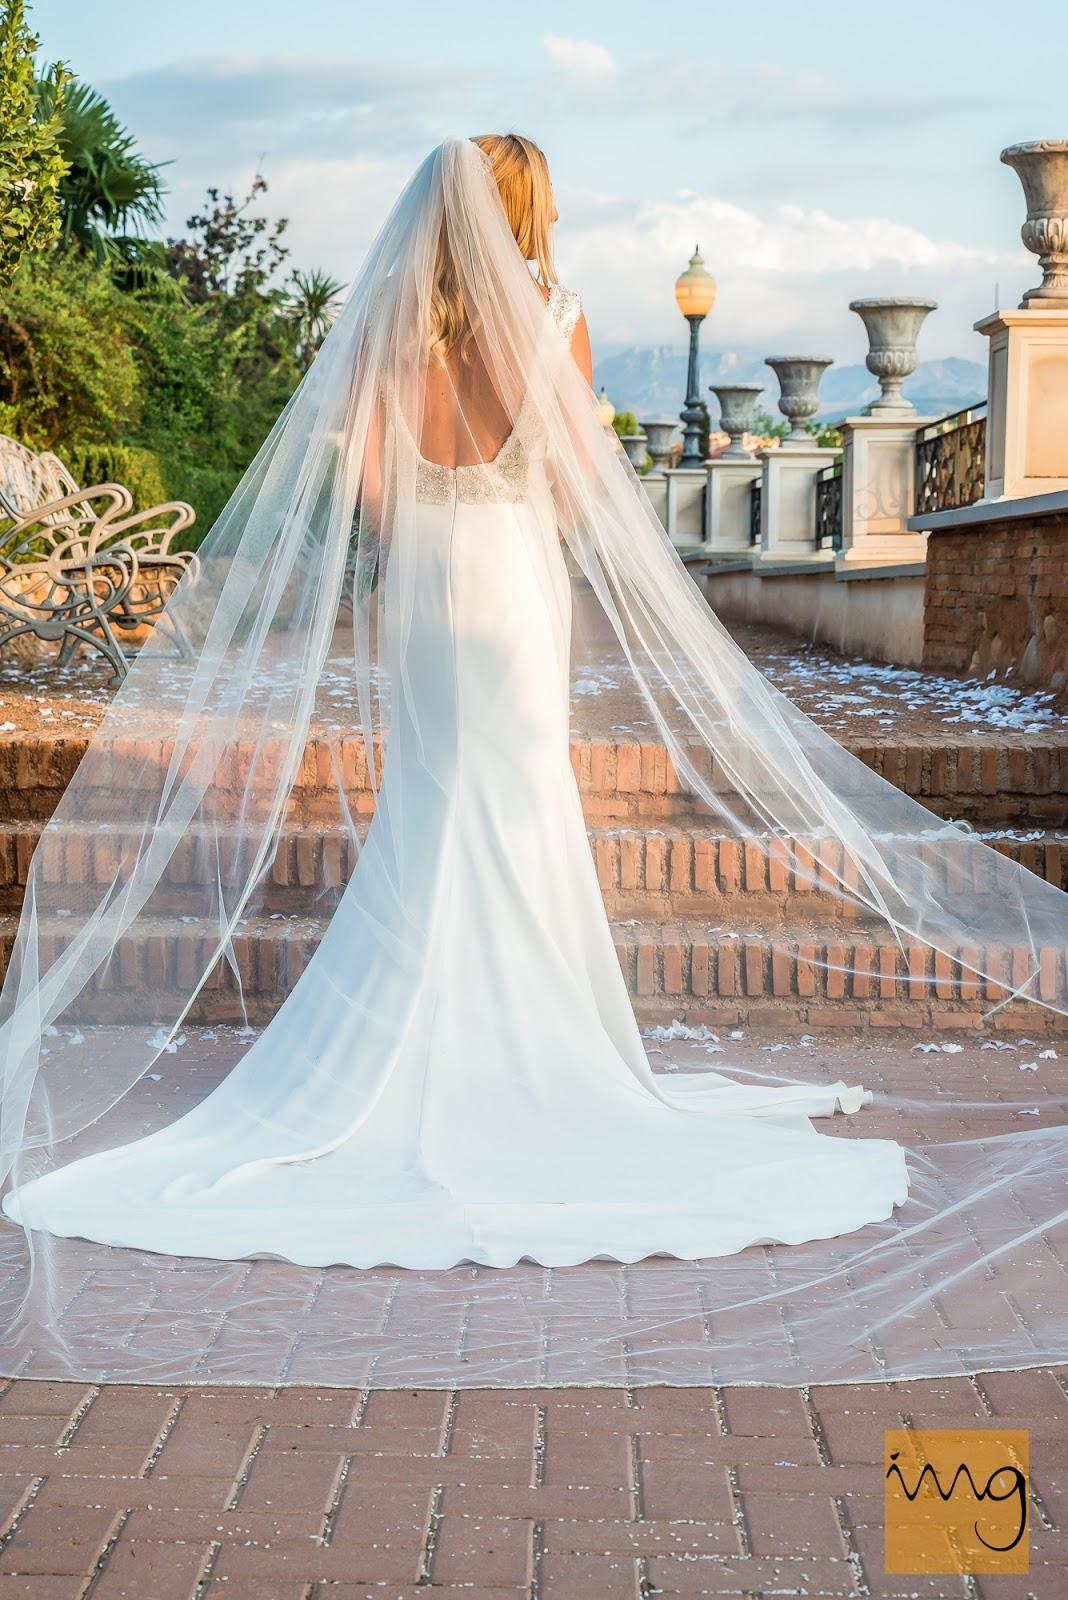 Fotografía del vestido de novia por detrás